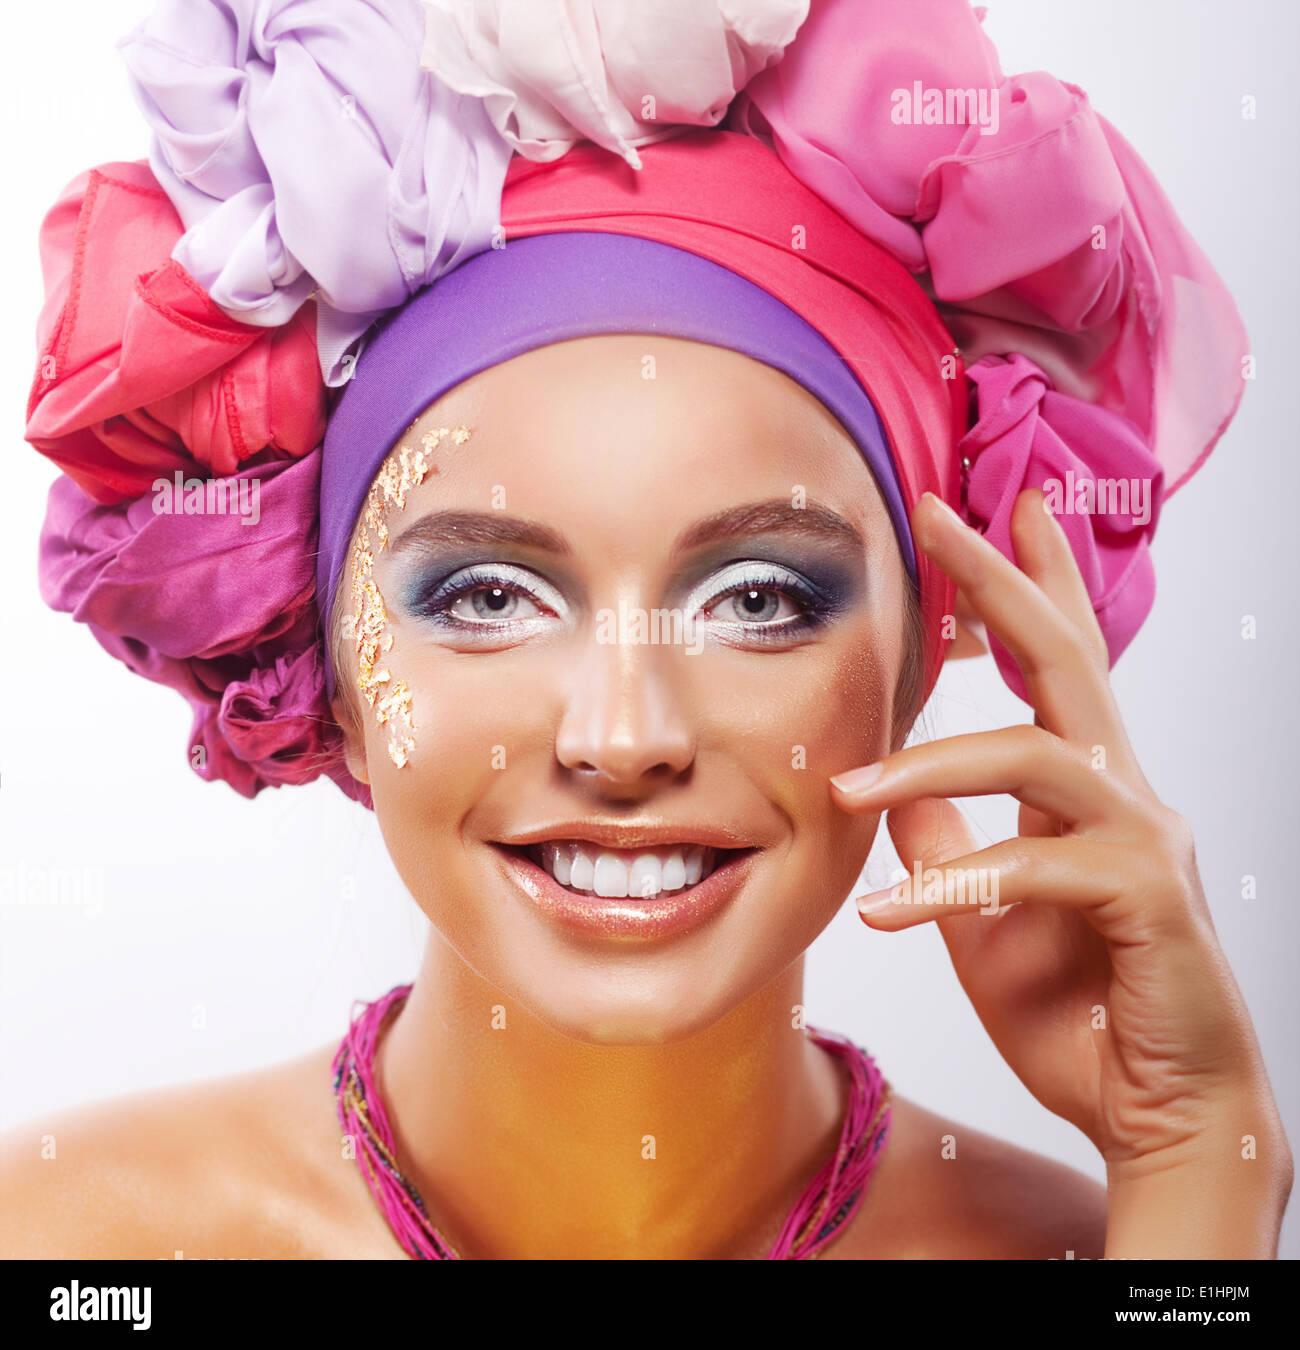 Style de vie. La beauté. Portrait of young happy smiling woman in dentelée chapeaux colorés Photo Stock